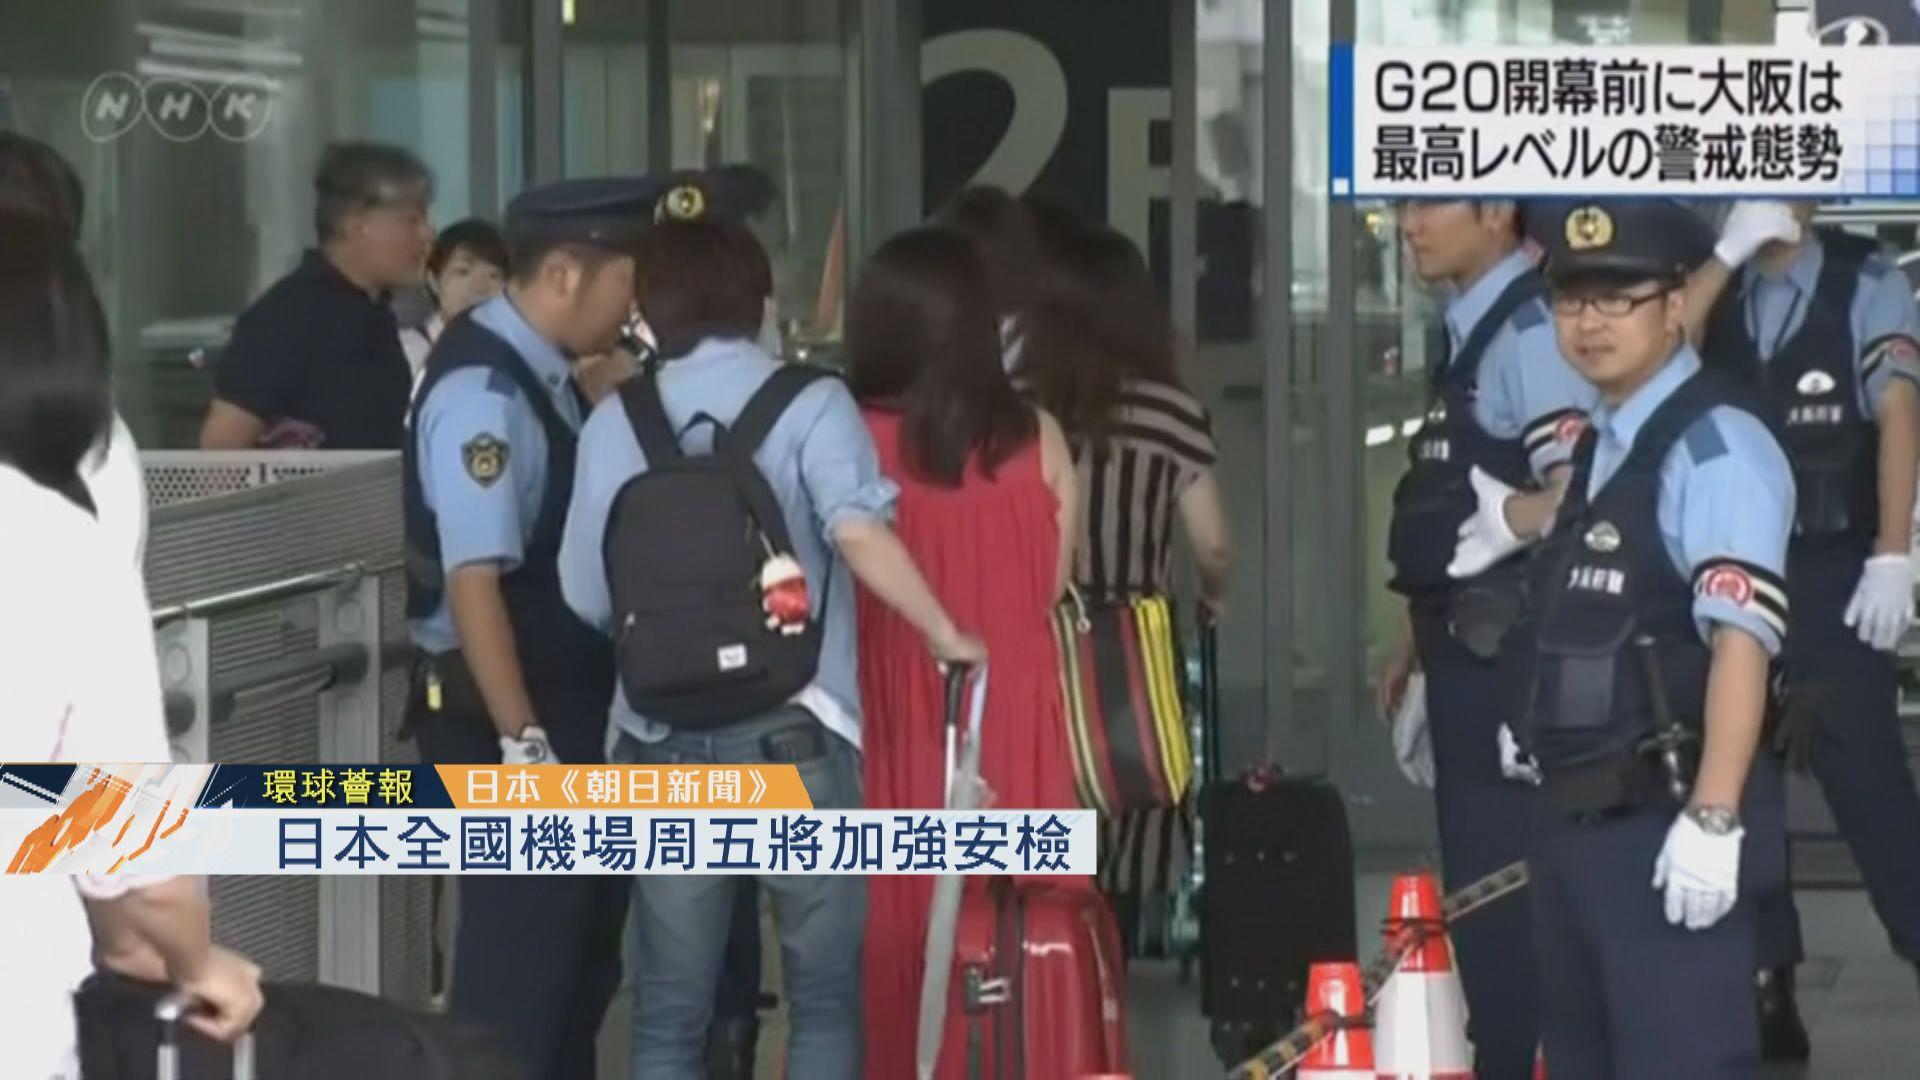 【環球薈報】日本全國機場周五將加強安檢